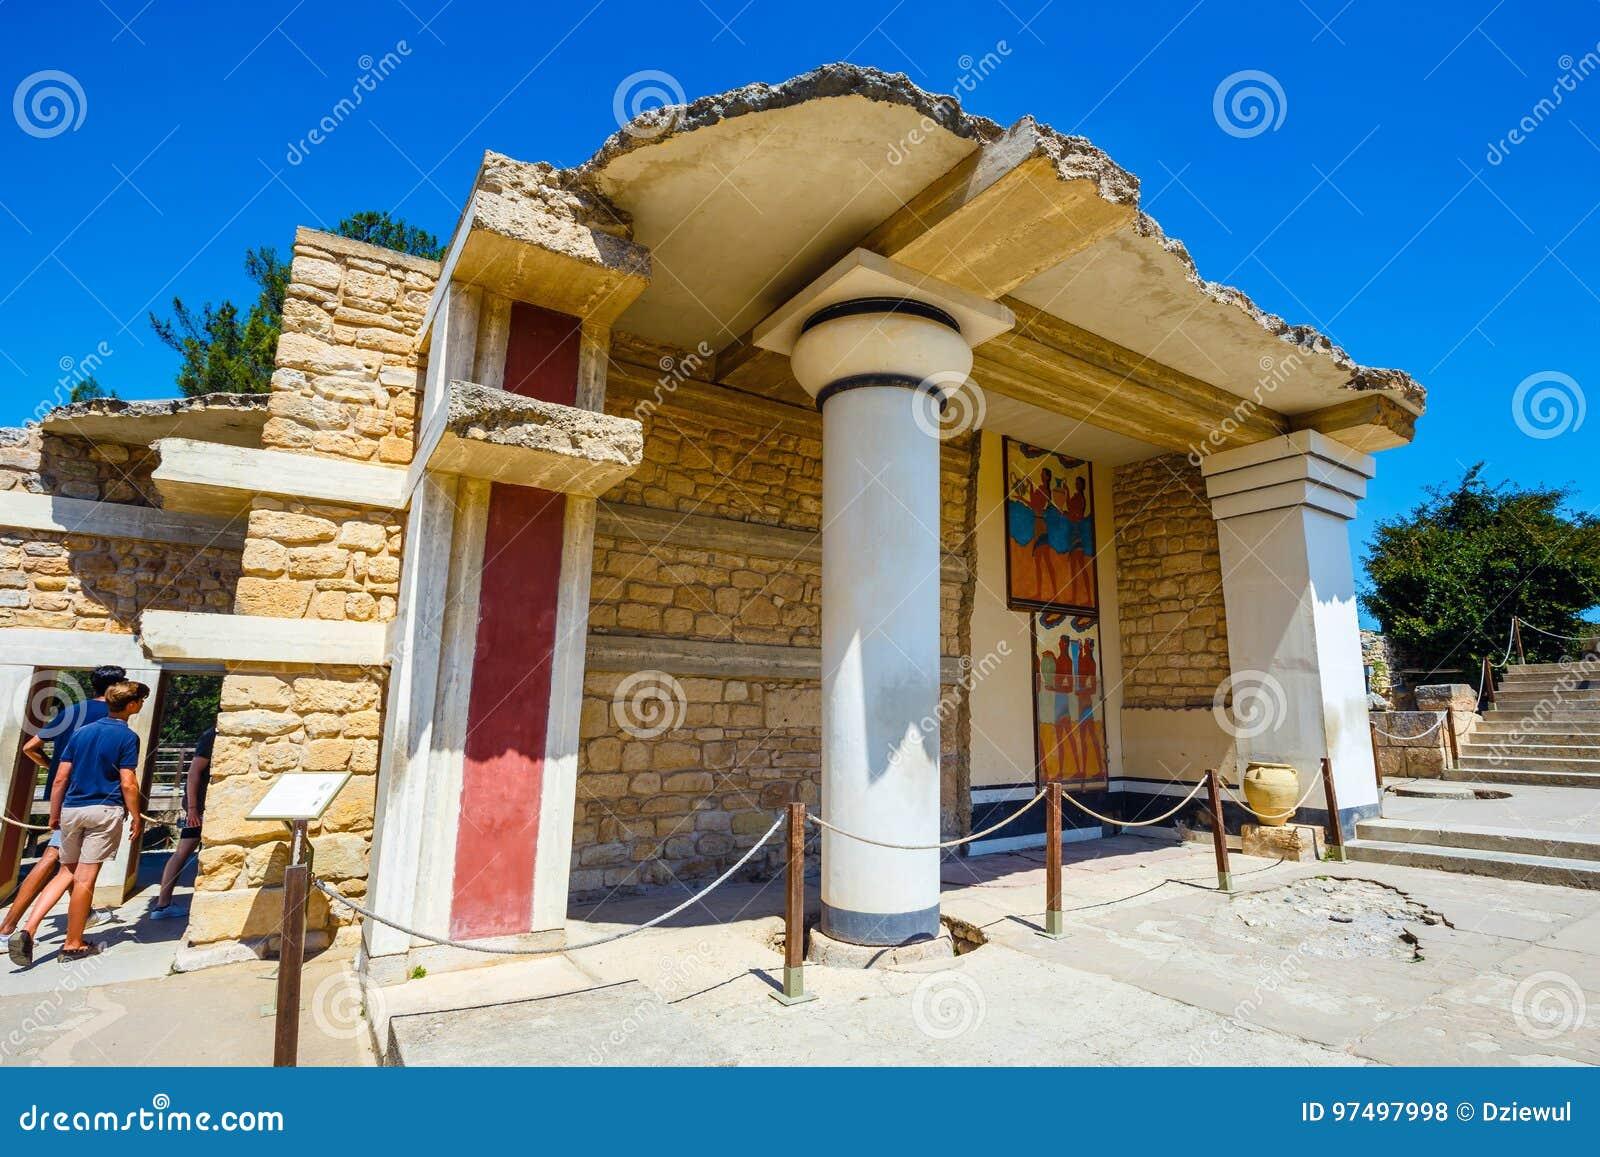 Rovine sceniche del palazzo di Minoan di Cnosso